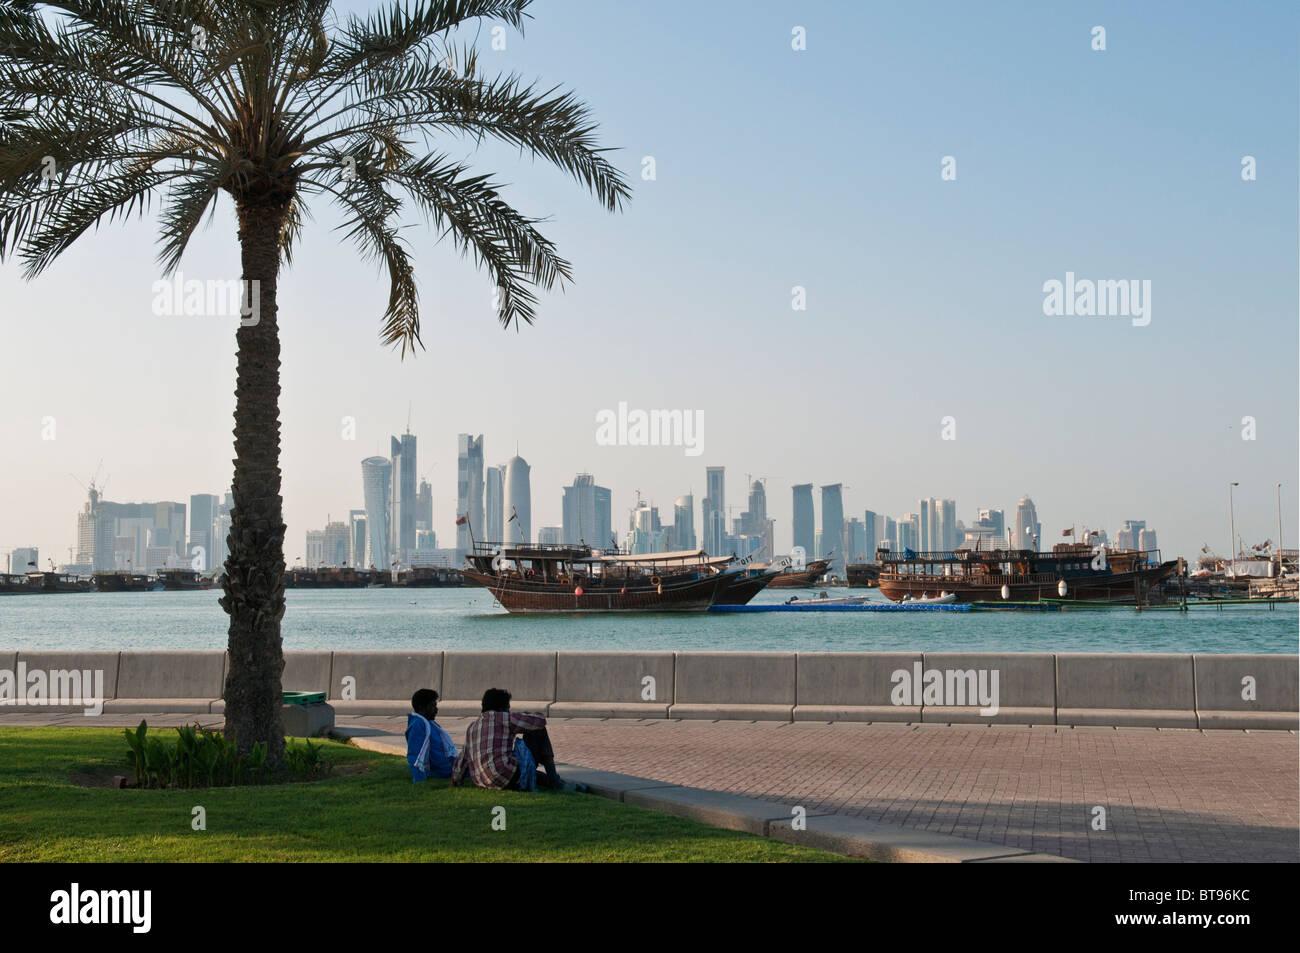 Vista di Doha in Qatar con barche e sullo skyline Immagini Stock